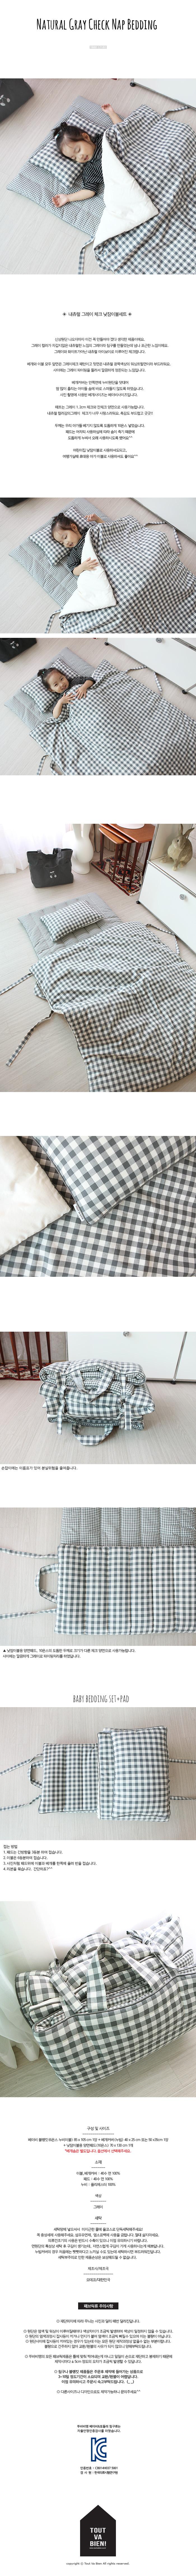 내츄럴 그레이 체크 낮잠이불세트 - 뚜바비엥, 124,000원, 패브릭/침구, 침구세트